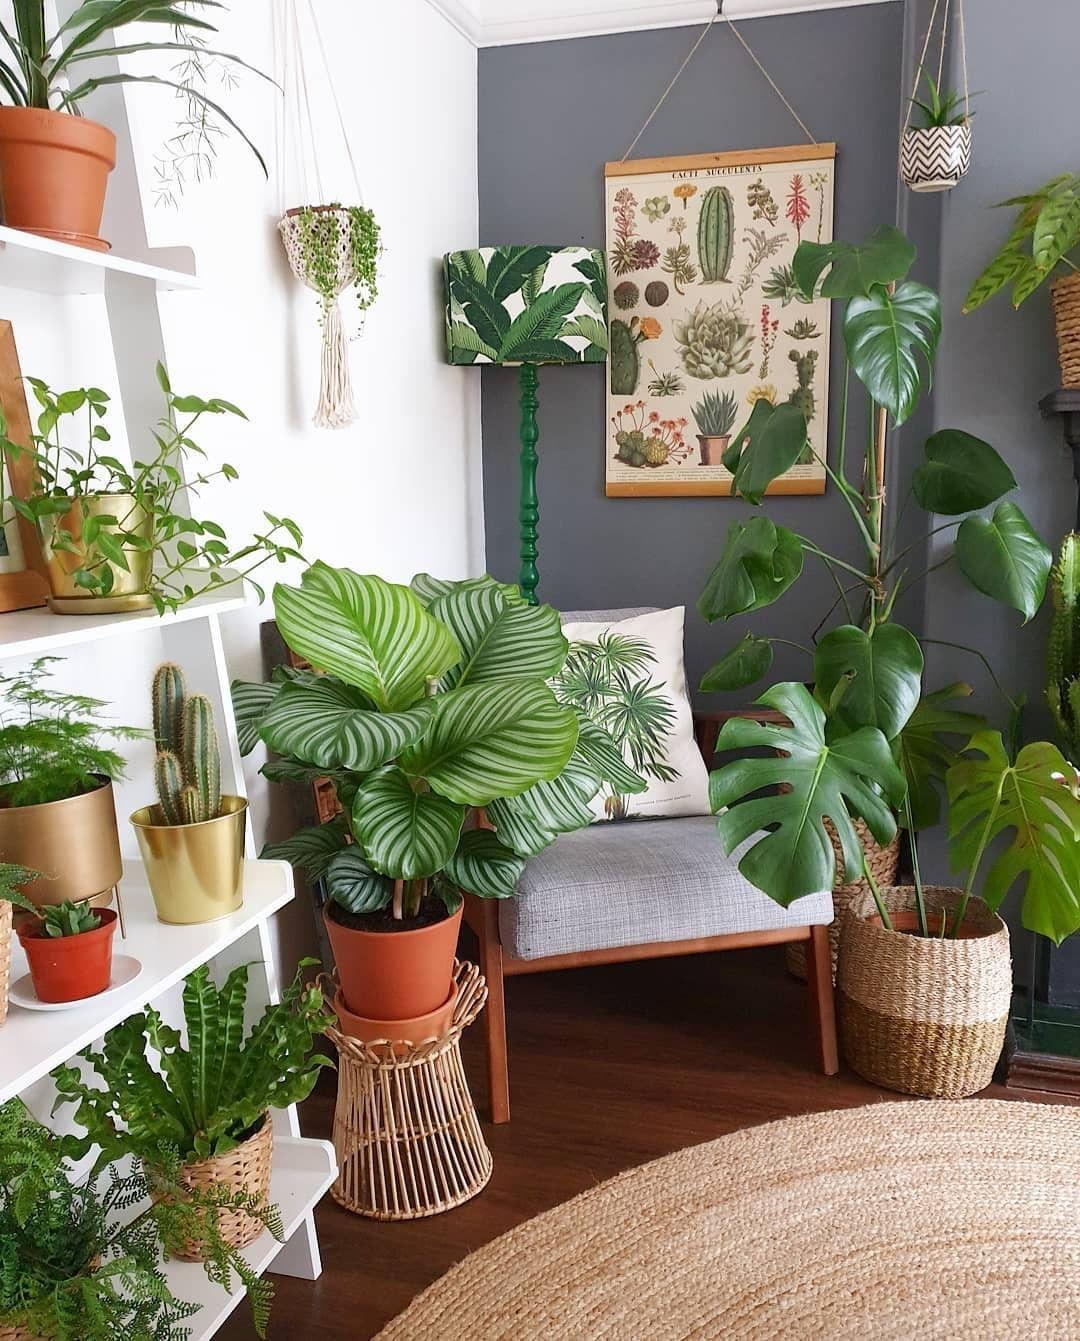 rostliny-dekorace-inspirace